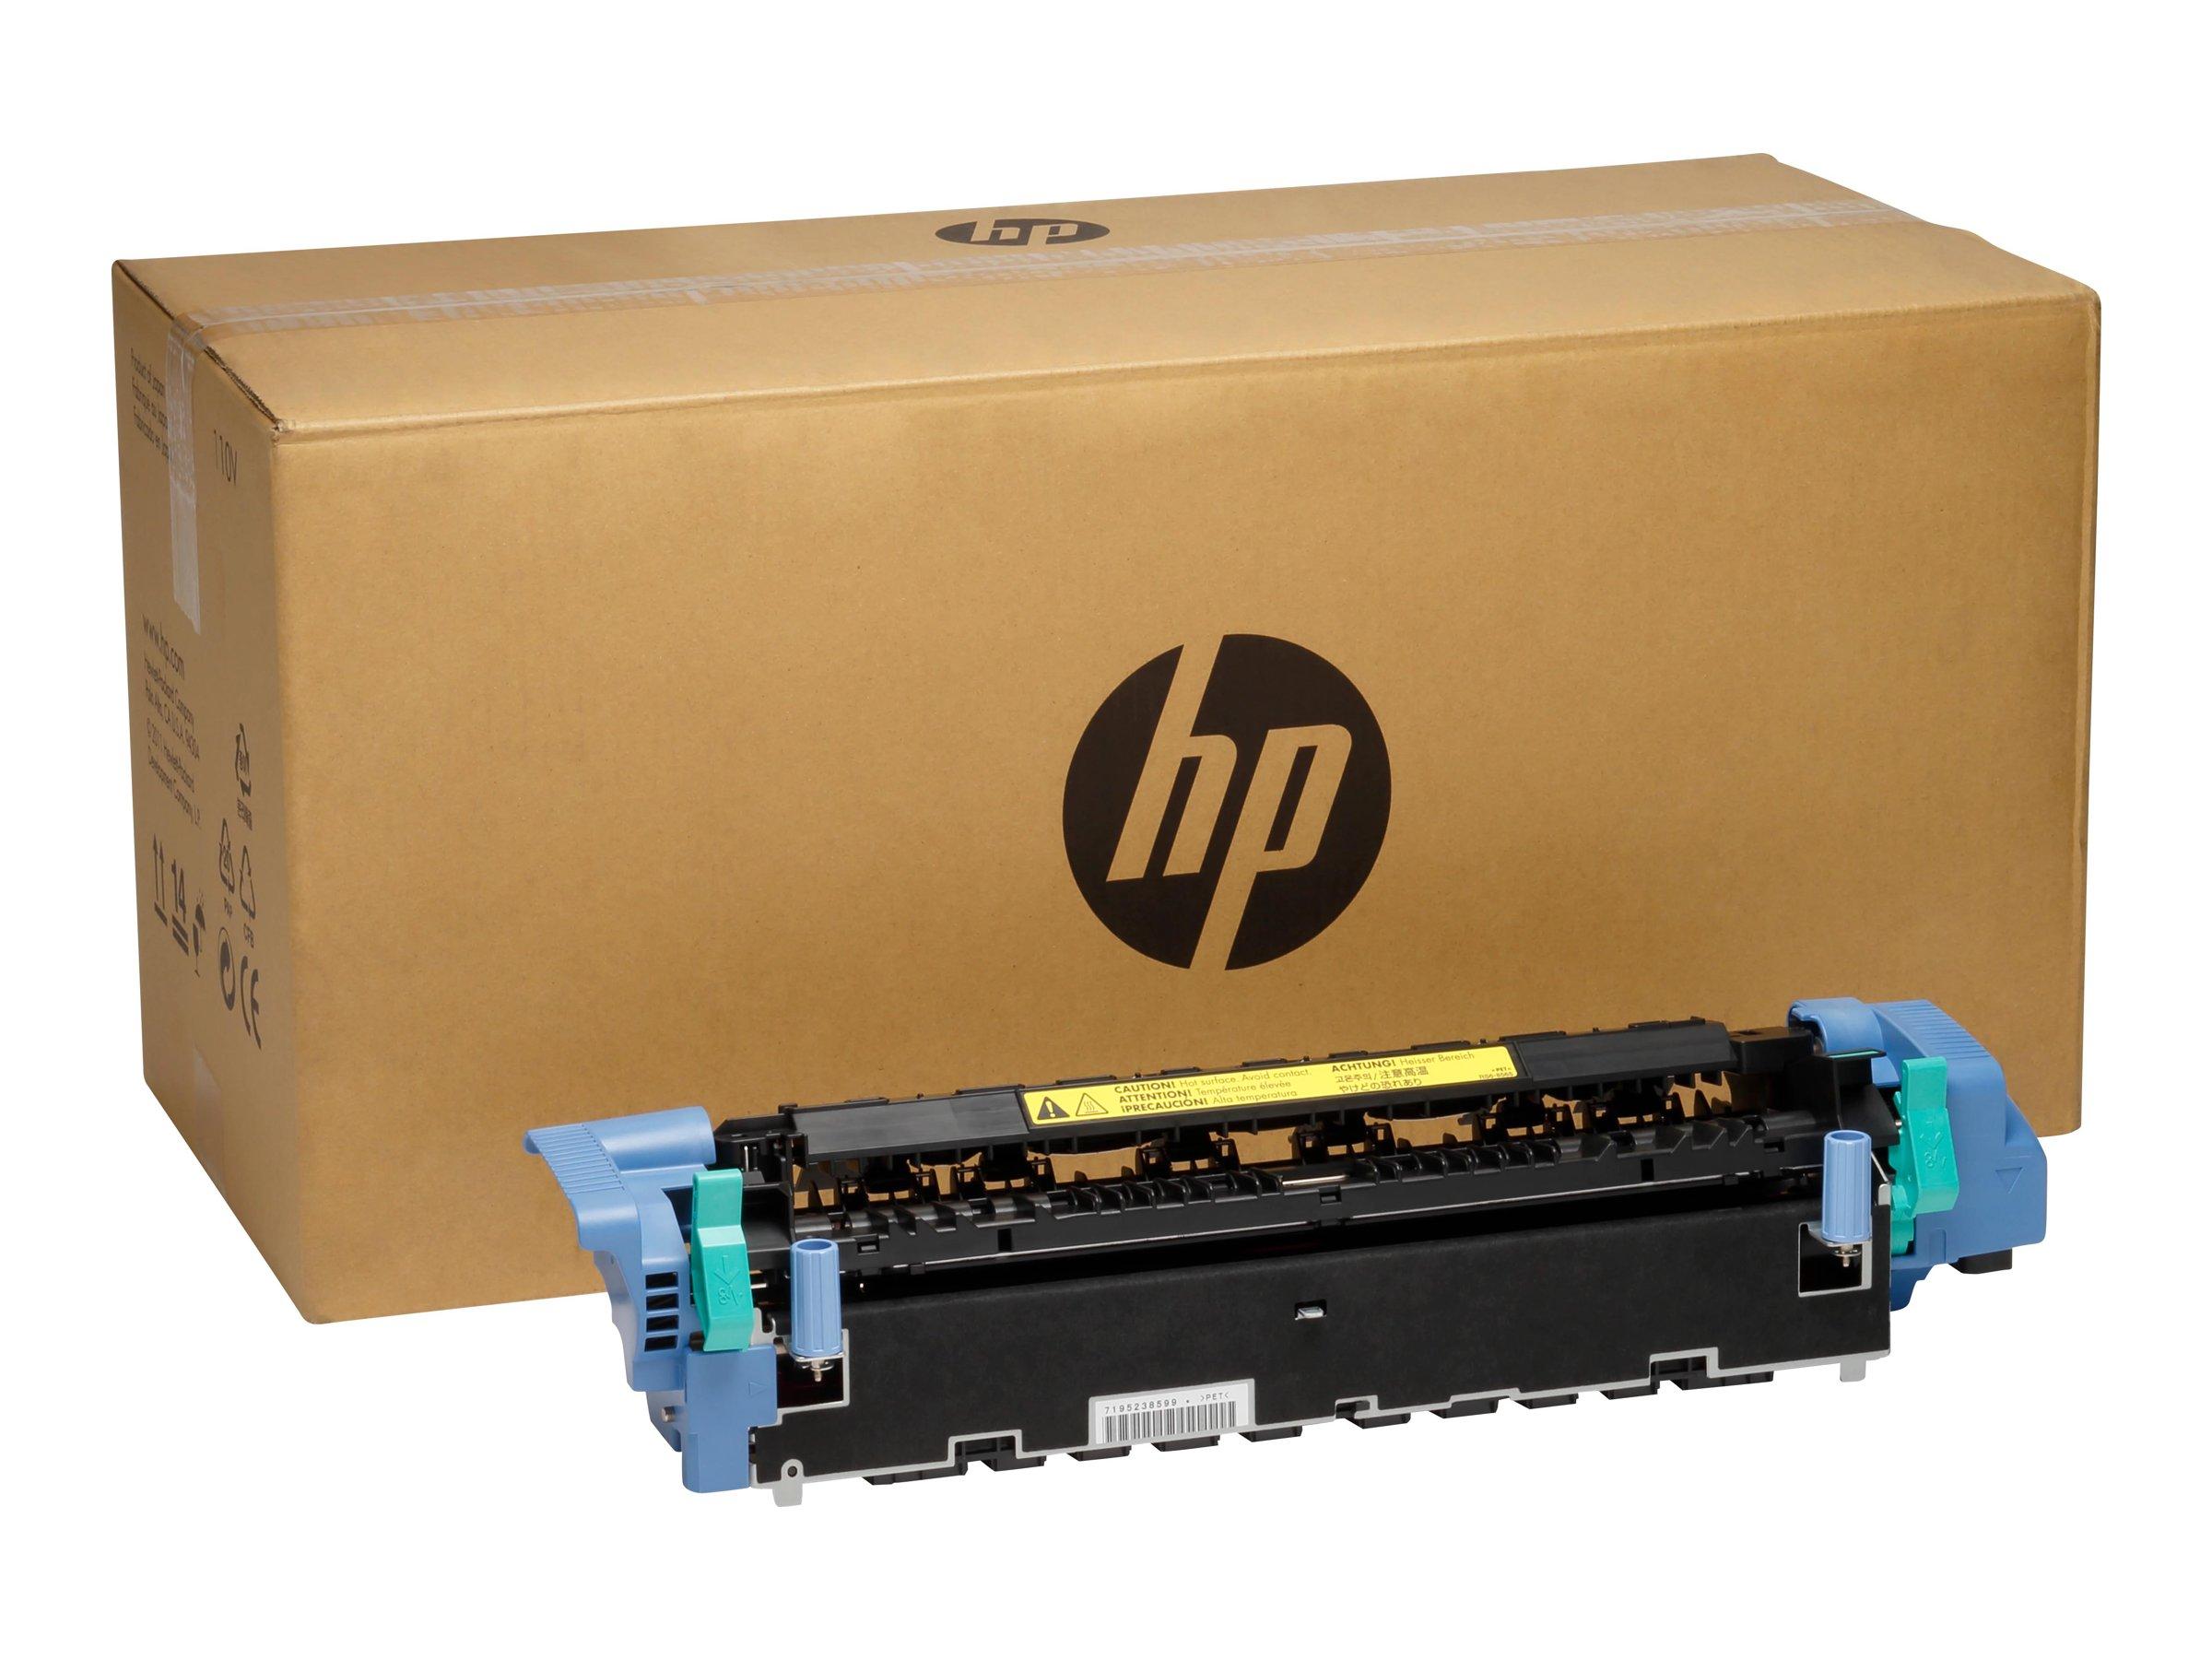 HP - (220 V) - Kit für Fixiereinheit - für Color LaserJet 5550, 5550dn, 5550dtn, 5550hdn, 5550n